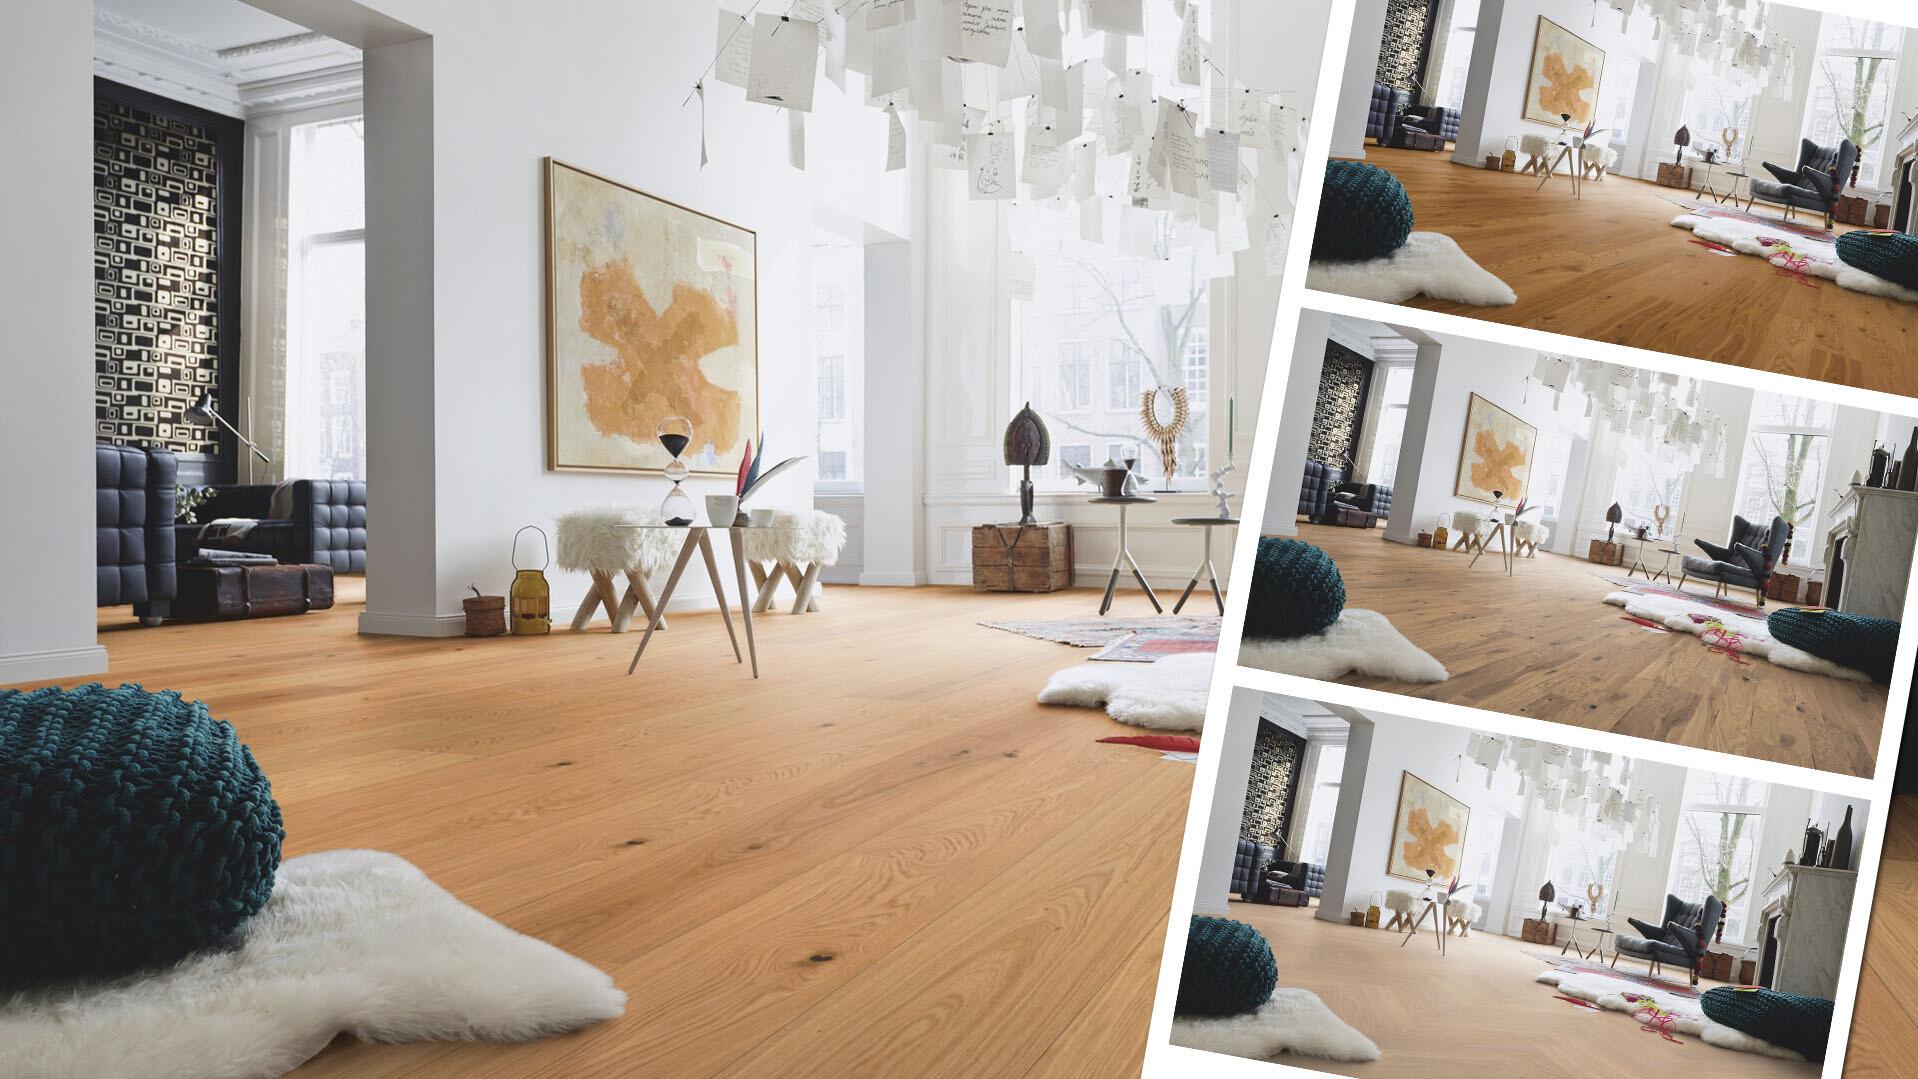 Raumfoto mit Parkett Landhausdielen und kleinere Bilder des gleichen Raumes mit anderen Formaten